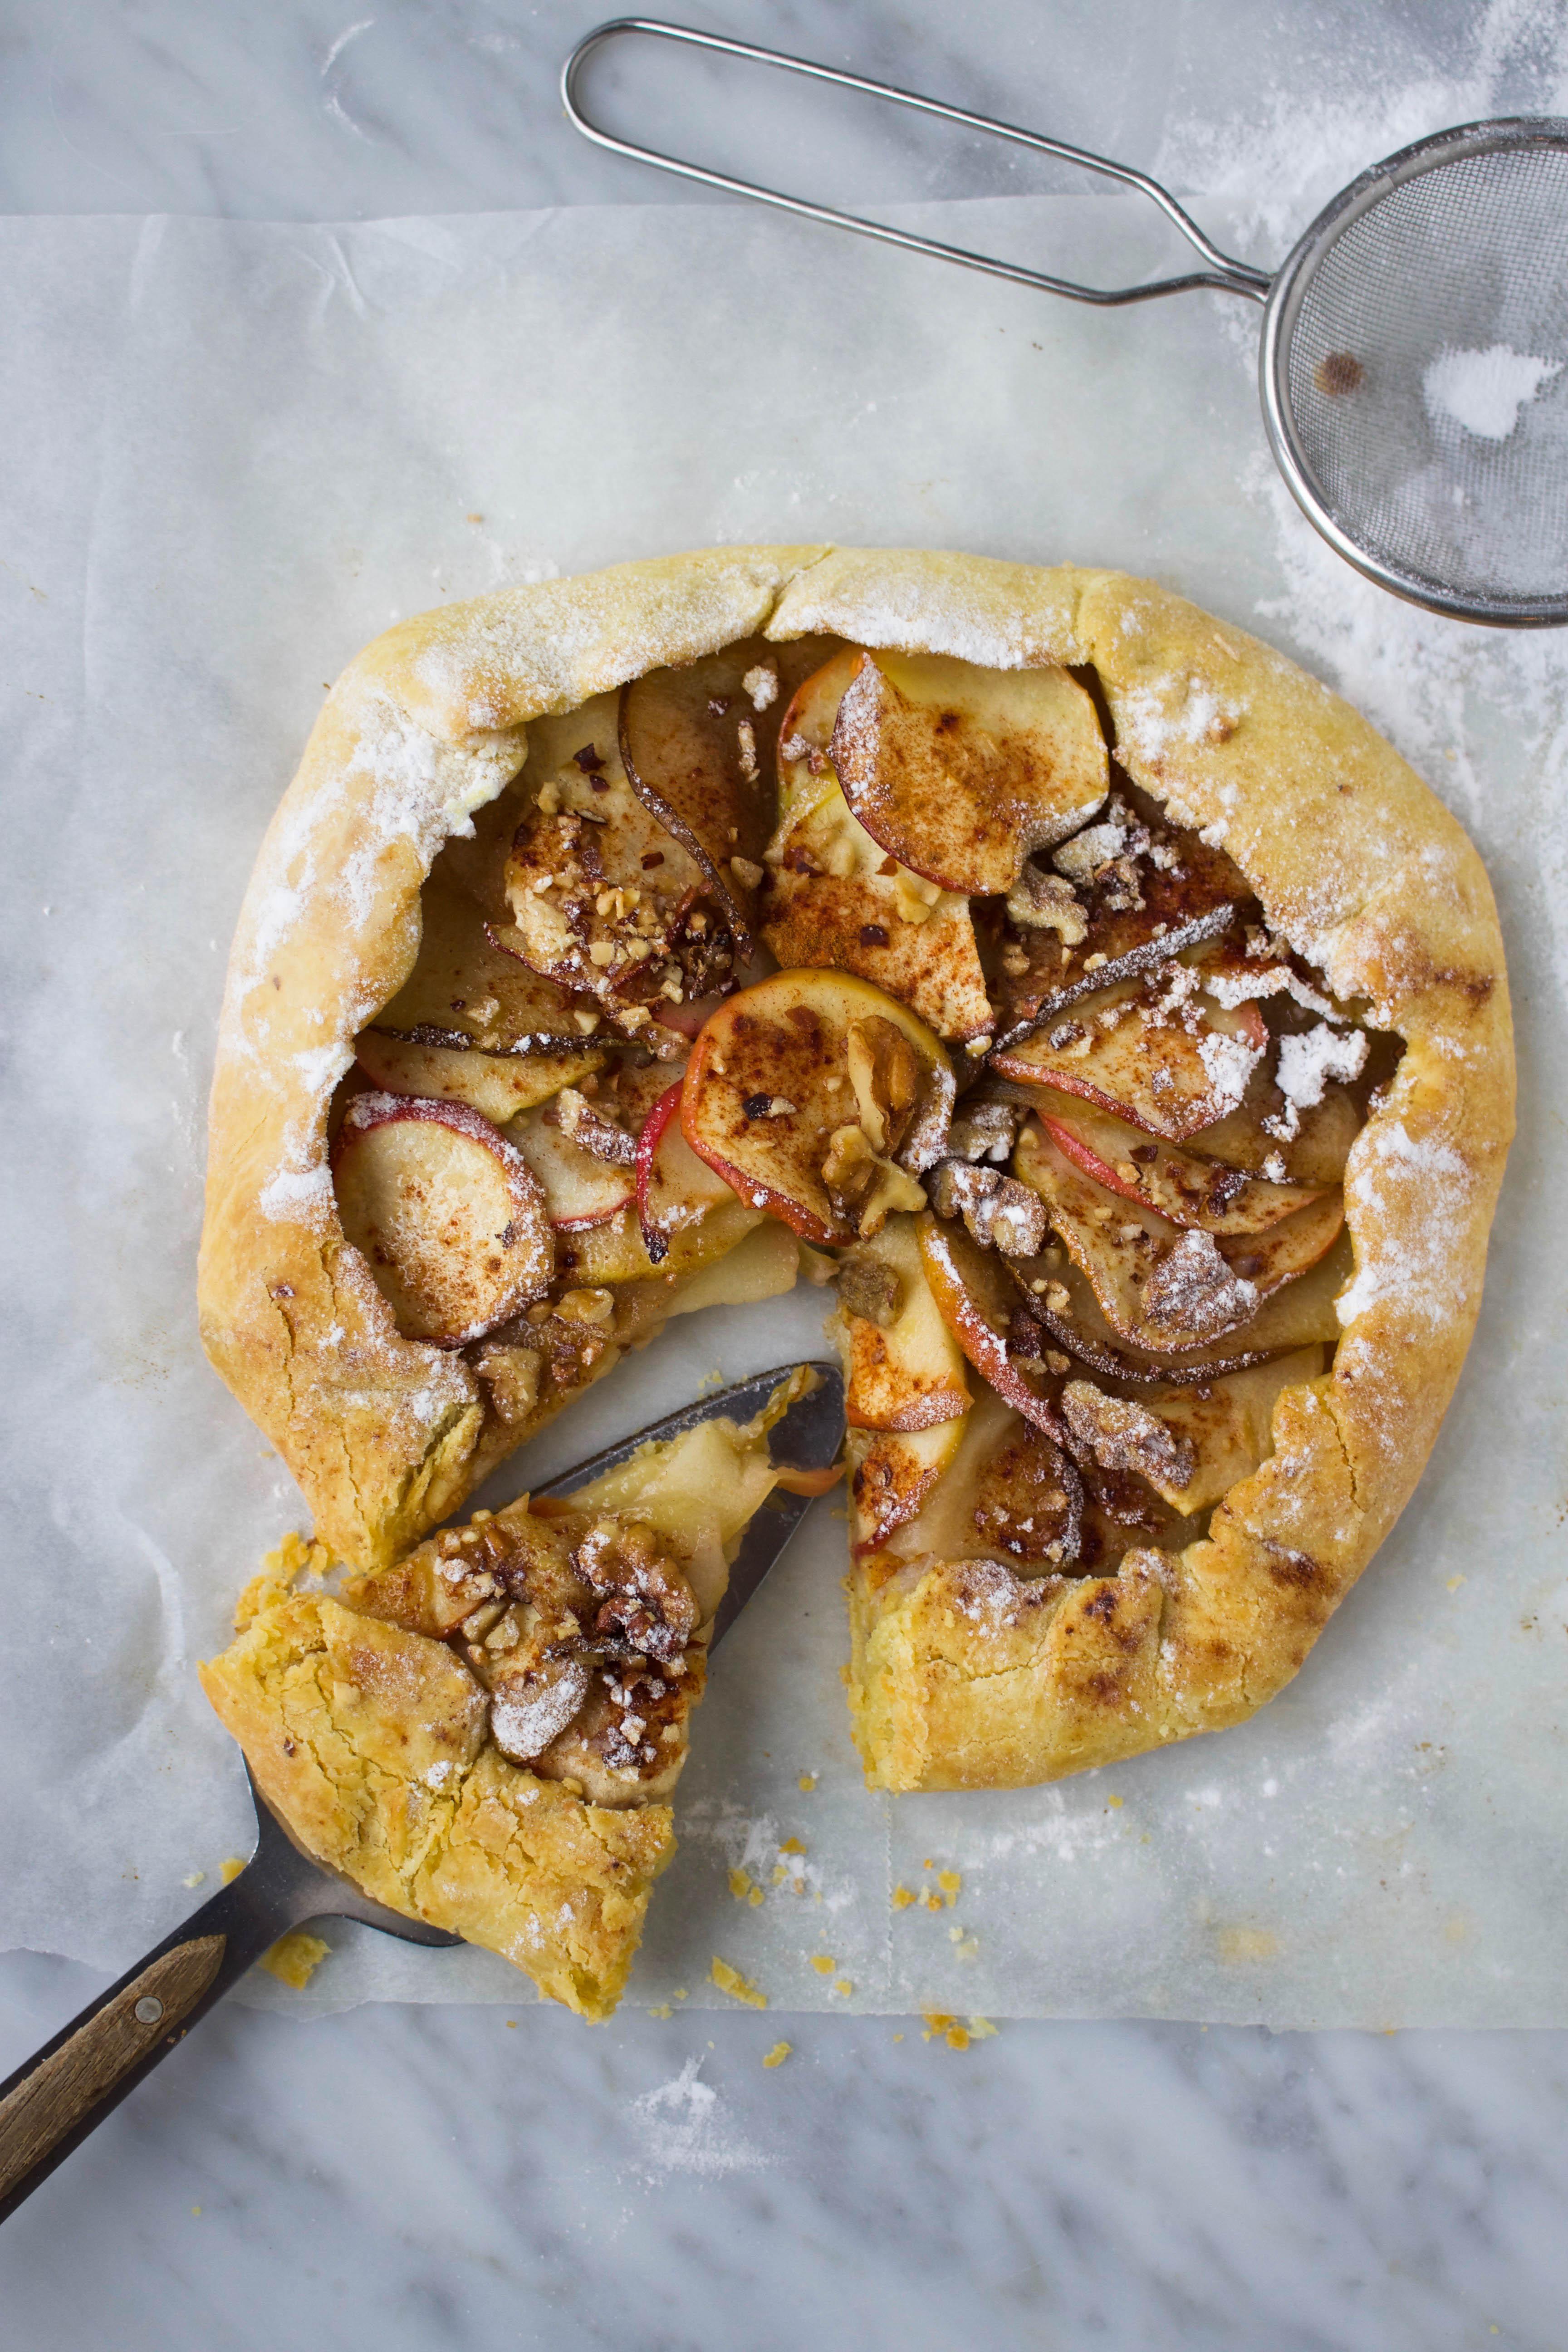 galette peer appel